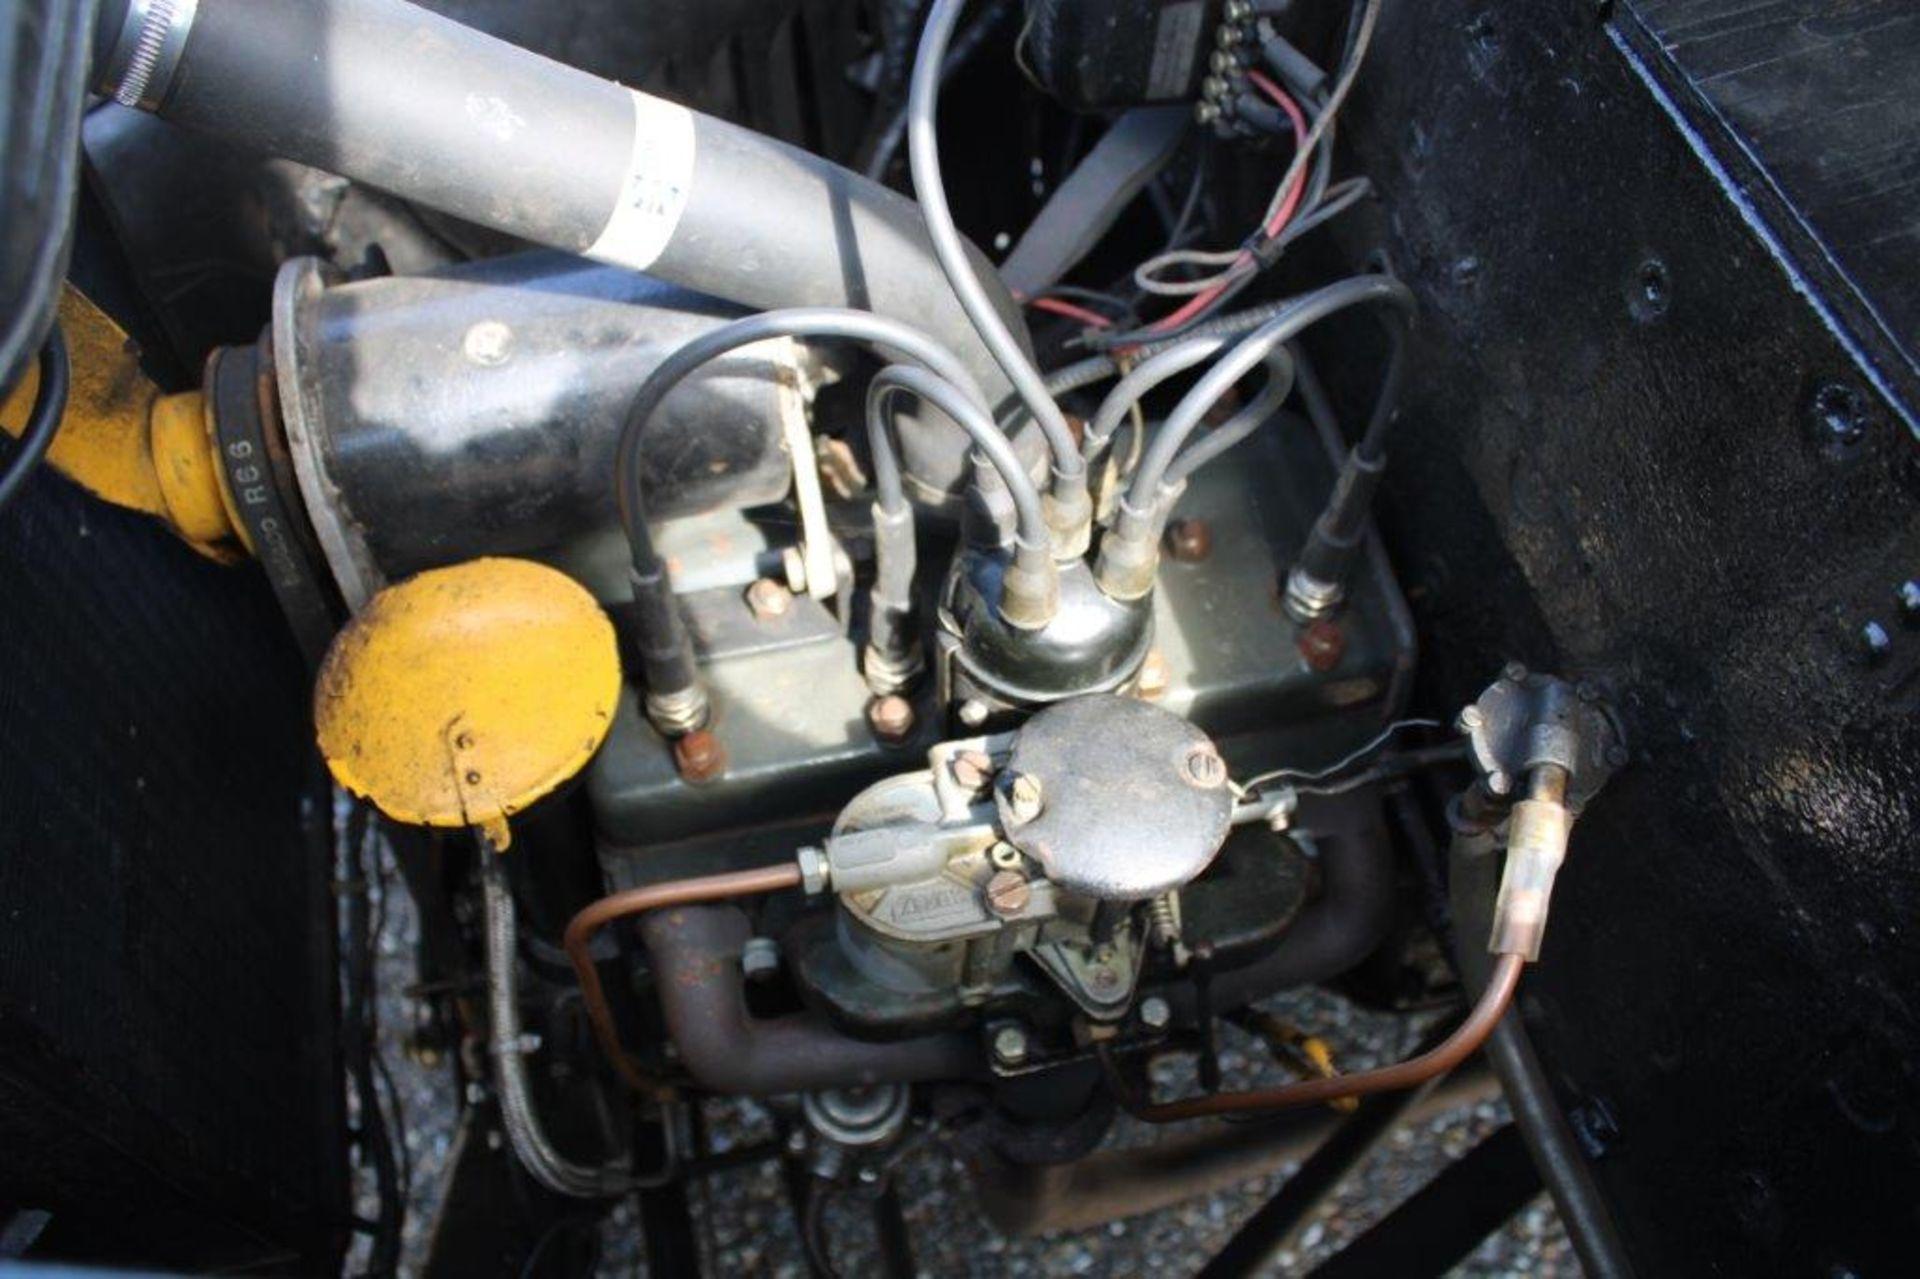 1946 Ford Prefect E93A - Image 24 of 30